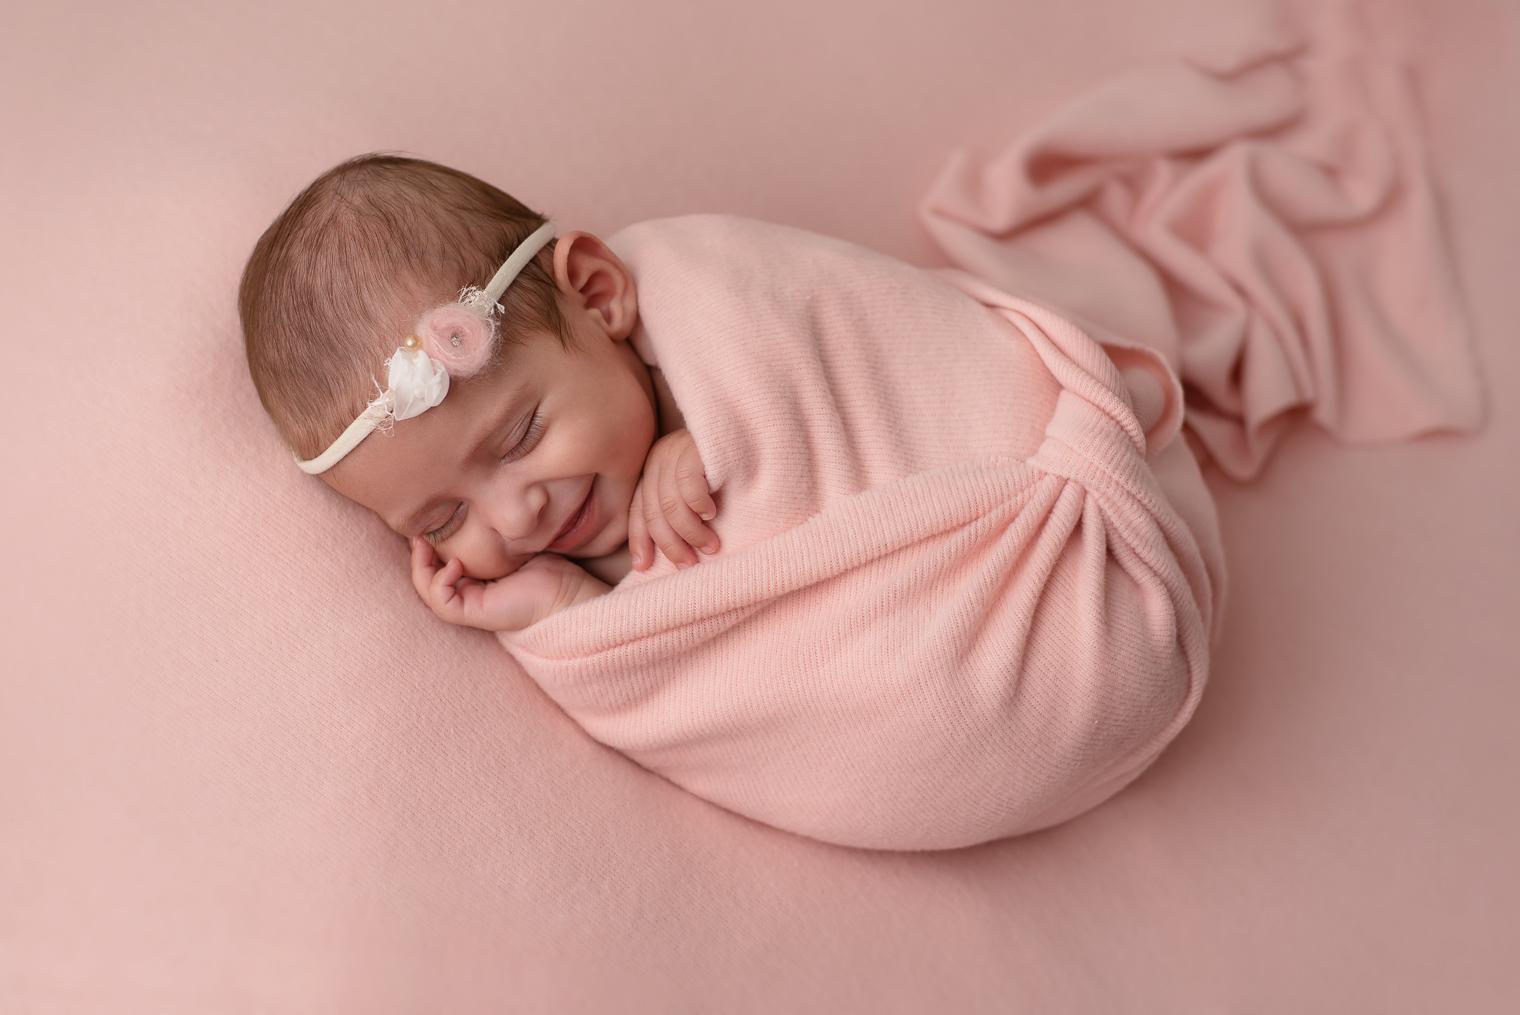 belinda lopez photo nouveau-ne photographie famille grossesse bebe enfant maternite photographe bourg-saint-maurice savoie belindalopez.fr-48